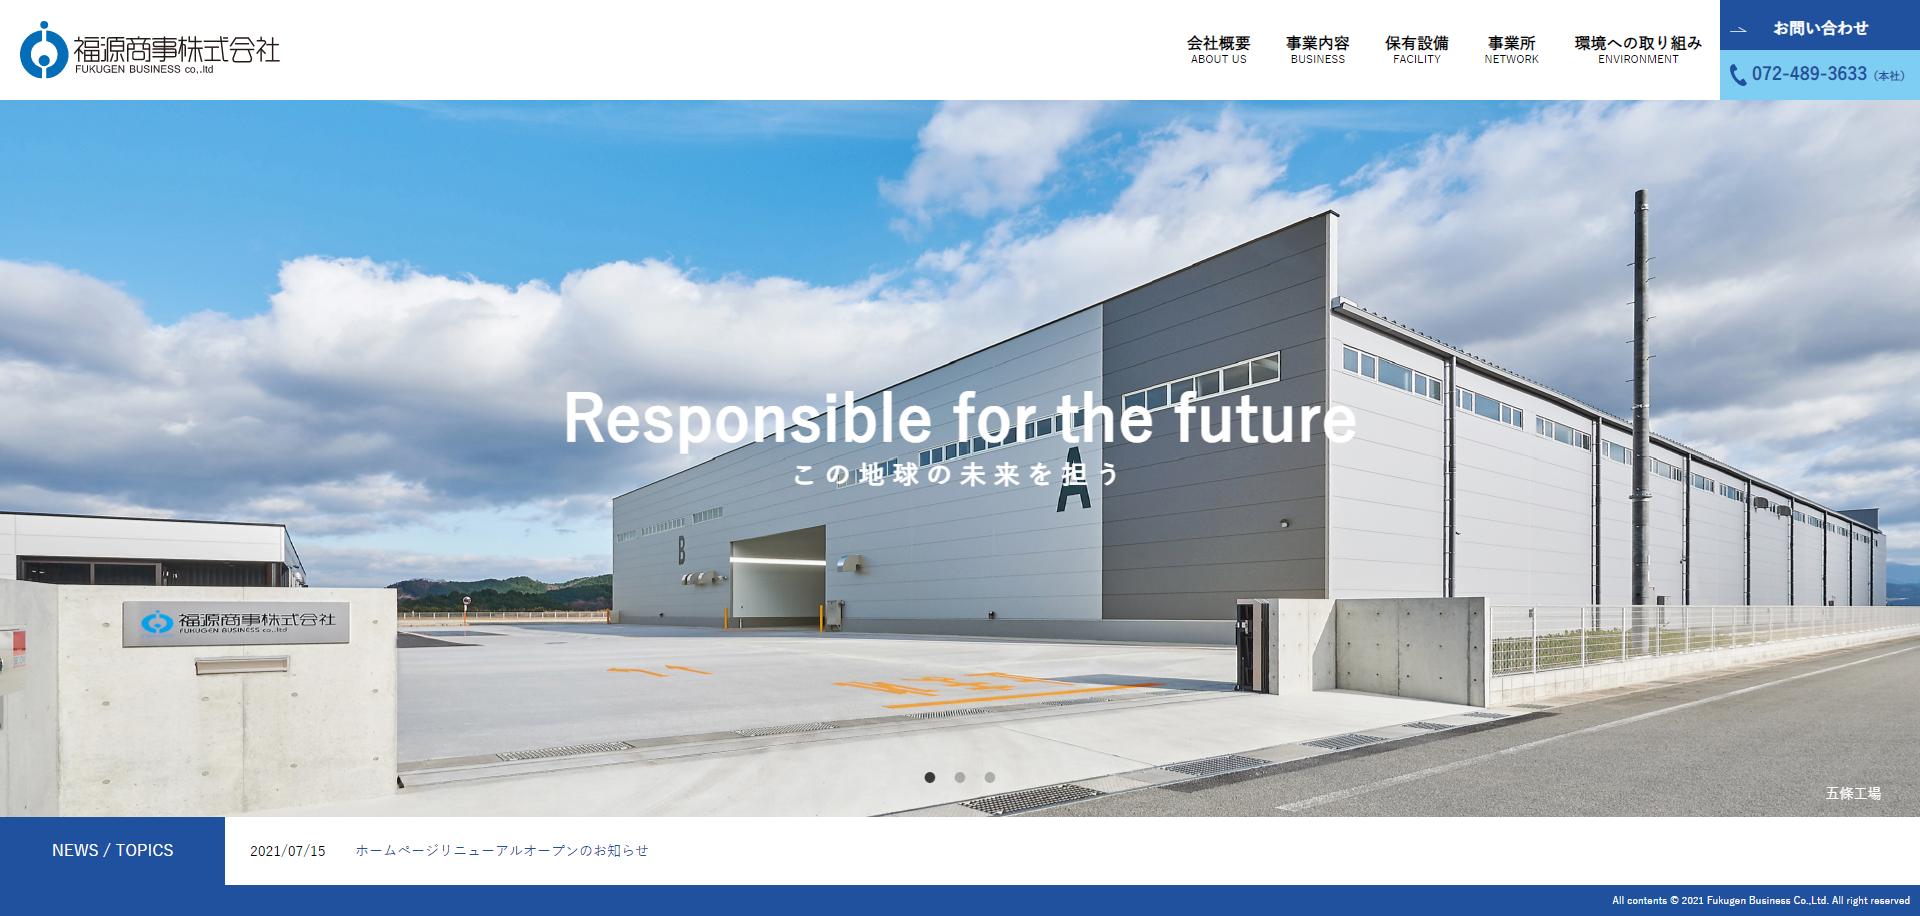 福源商事株式会社様のホームページのキャプチャ画像